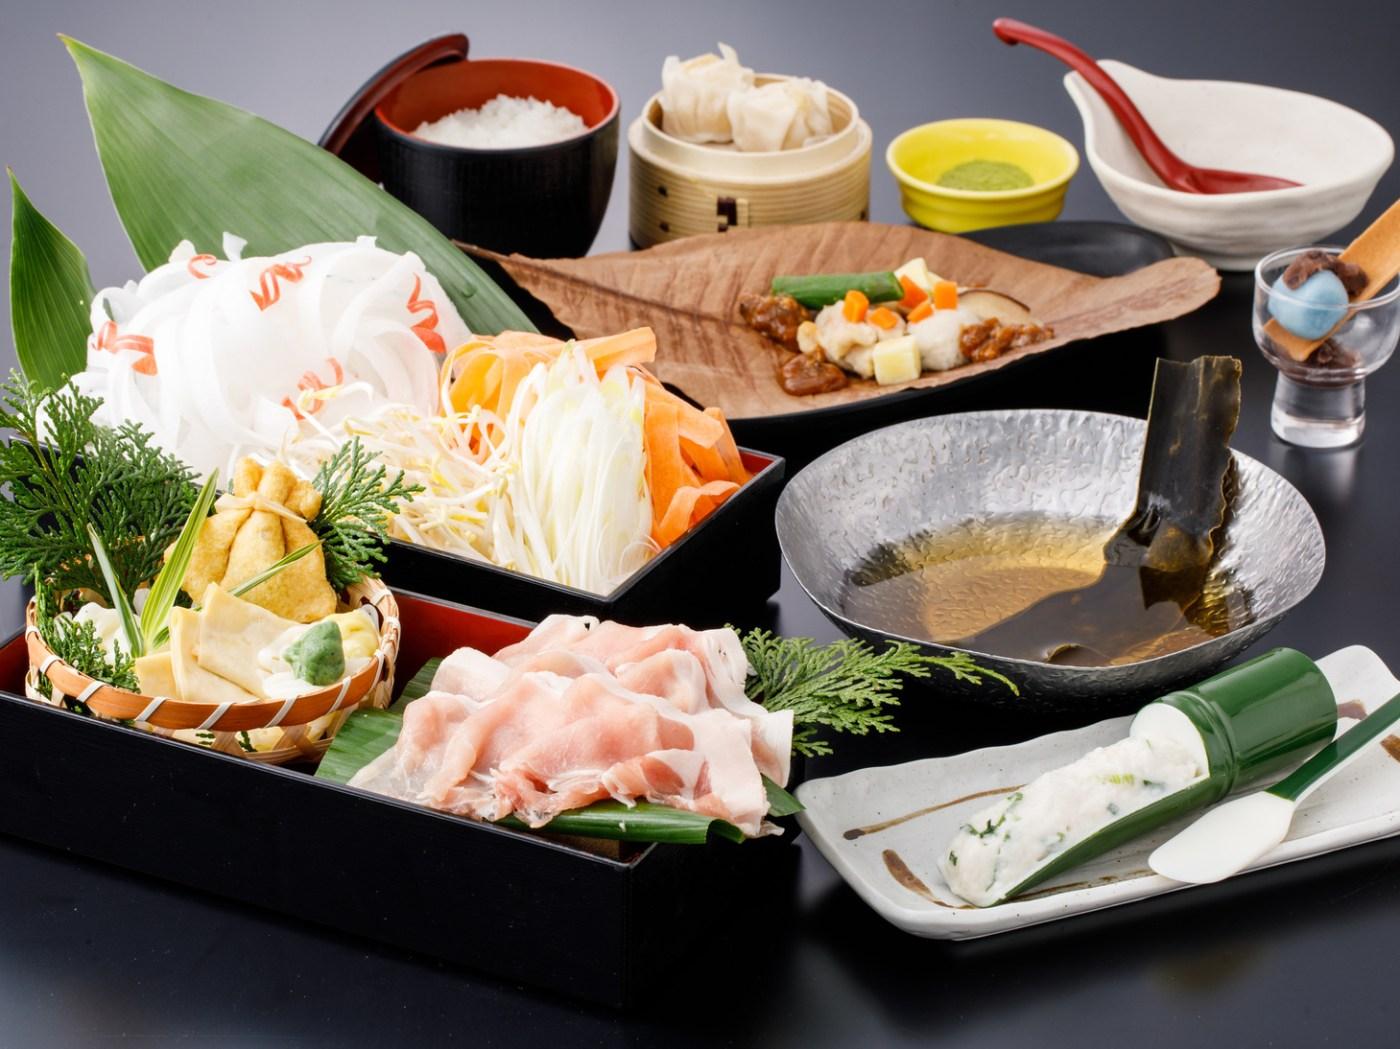 京野菜と牛肉のすき焼き御膳